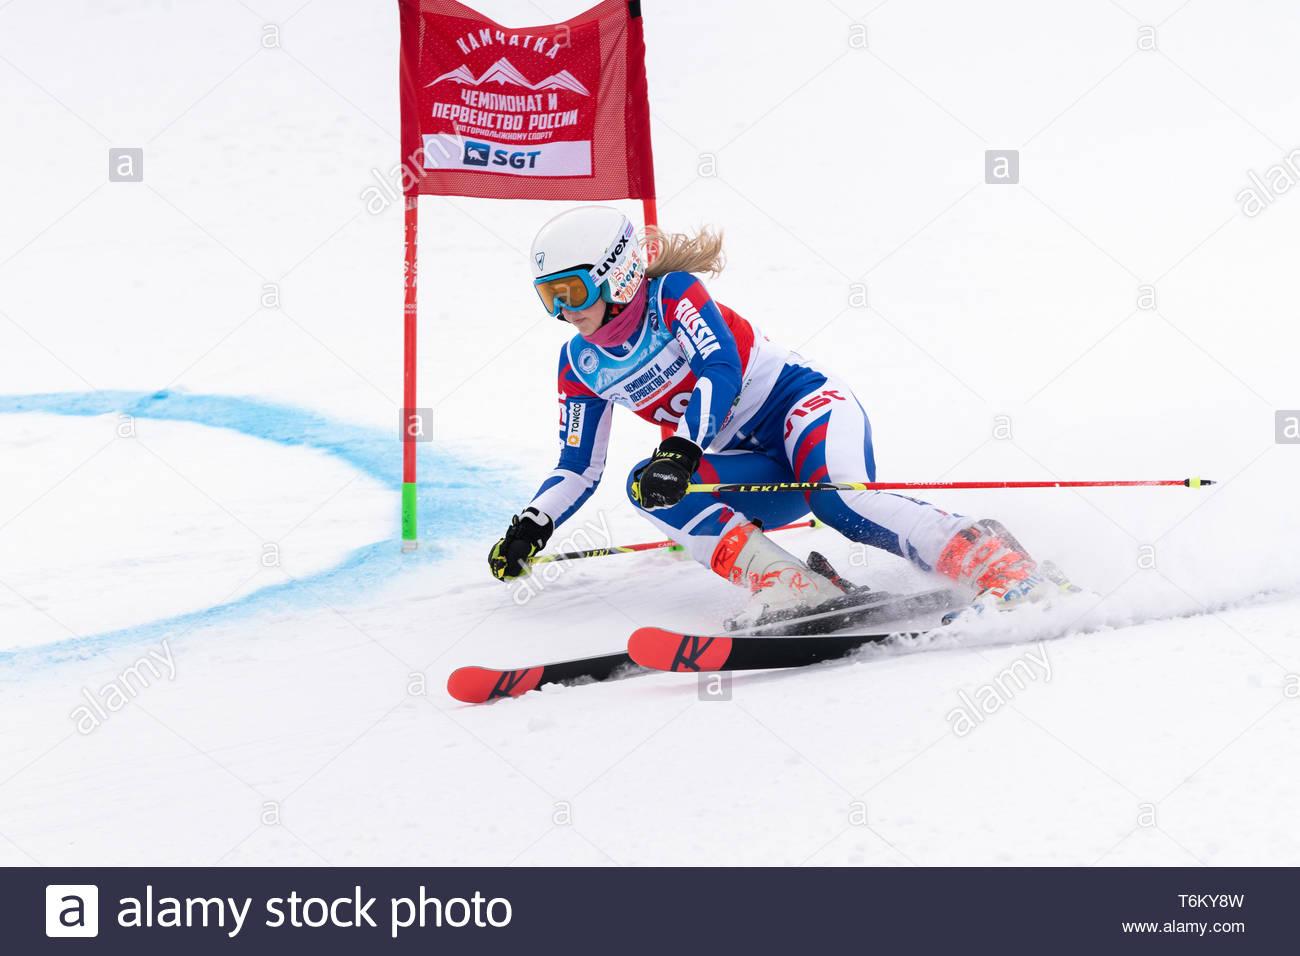 KAMCHATKA, RUSSIA - APR 2, 2019: Mountain skier Popova Yaroslava (Krasnoyarsk Region) skiing down mount slope. Russian Women's Alpine Skiing Cup, Inte - Stock Image